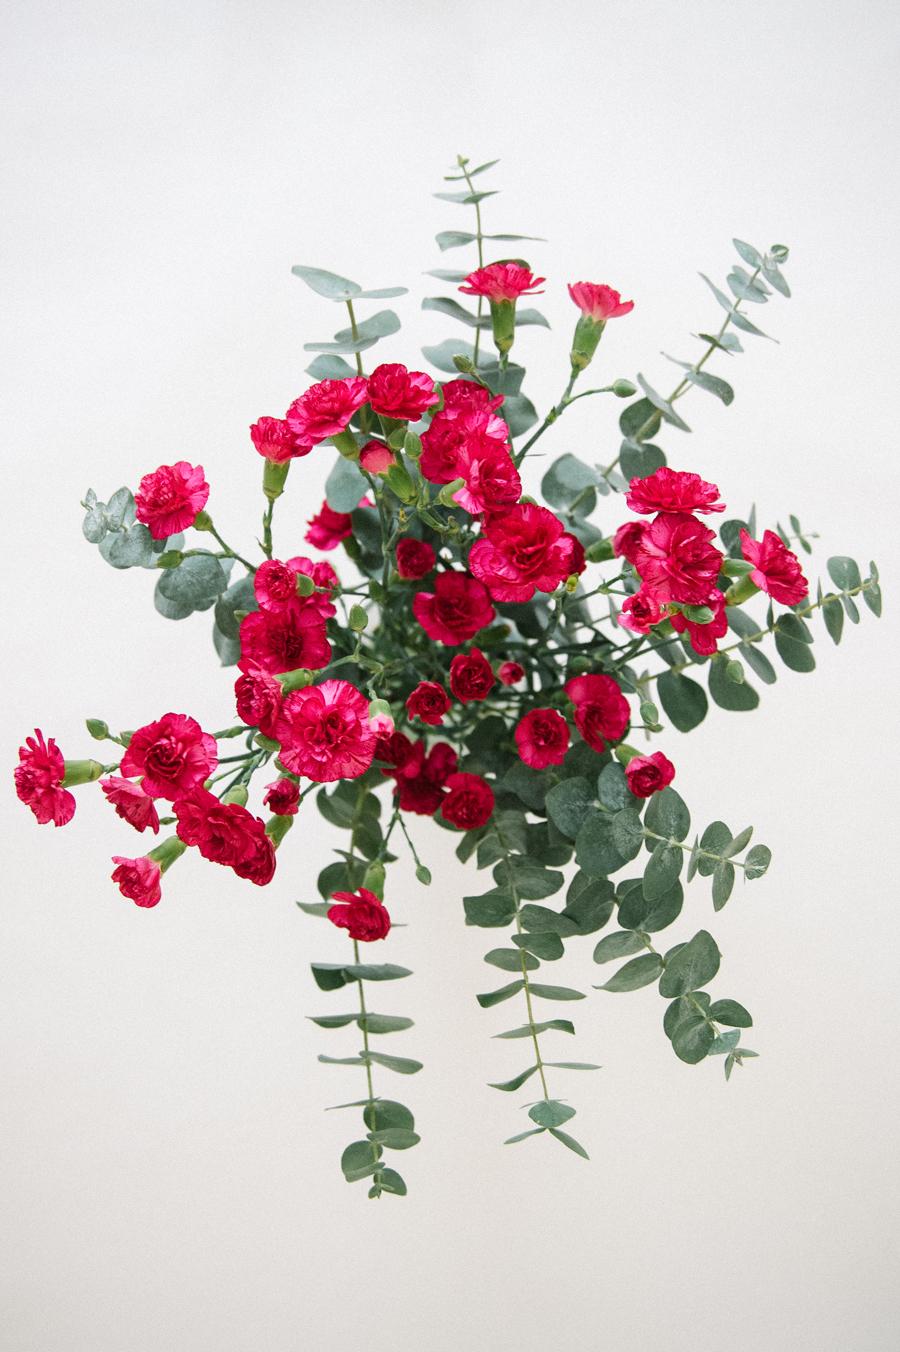 magenta carnations